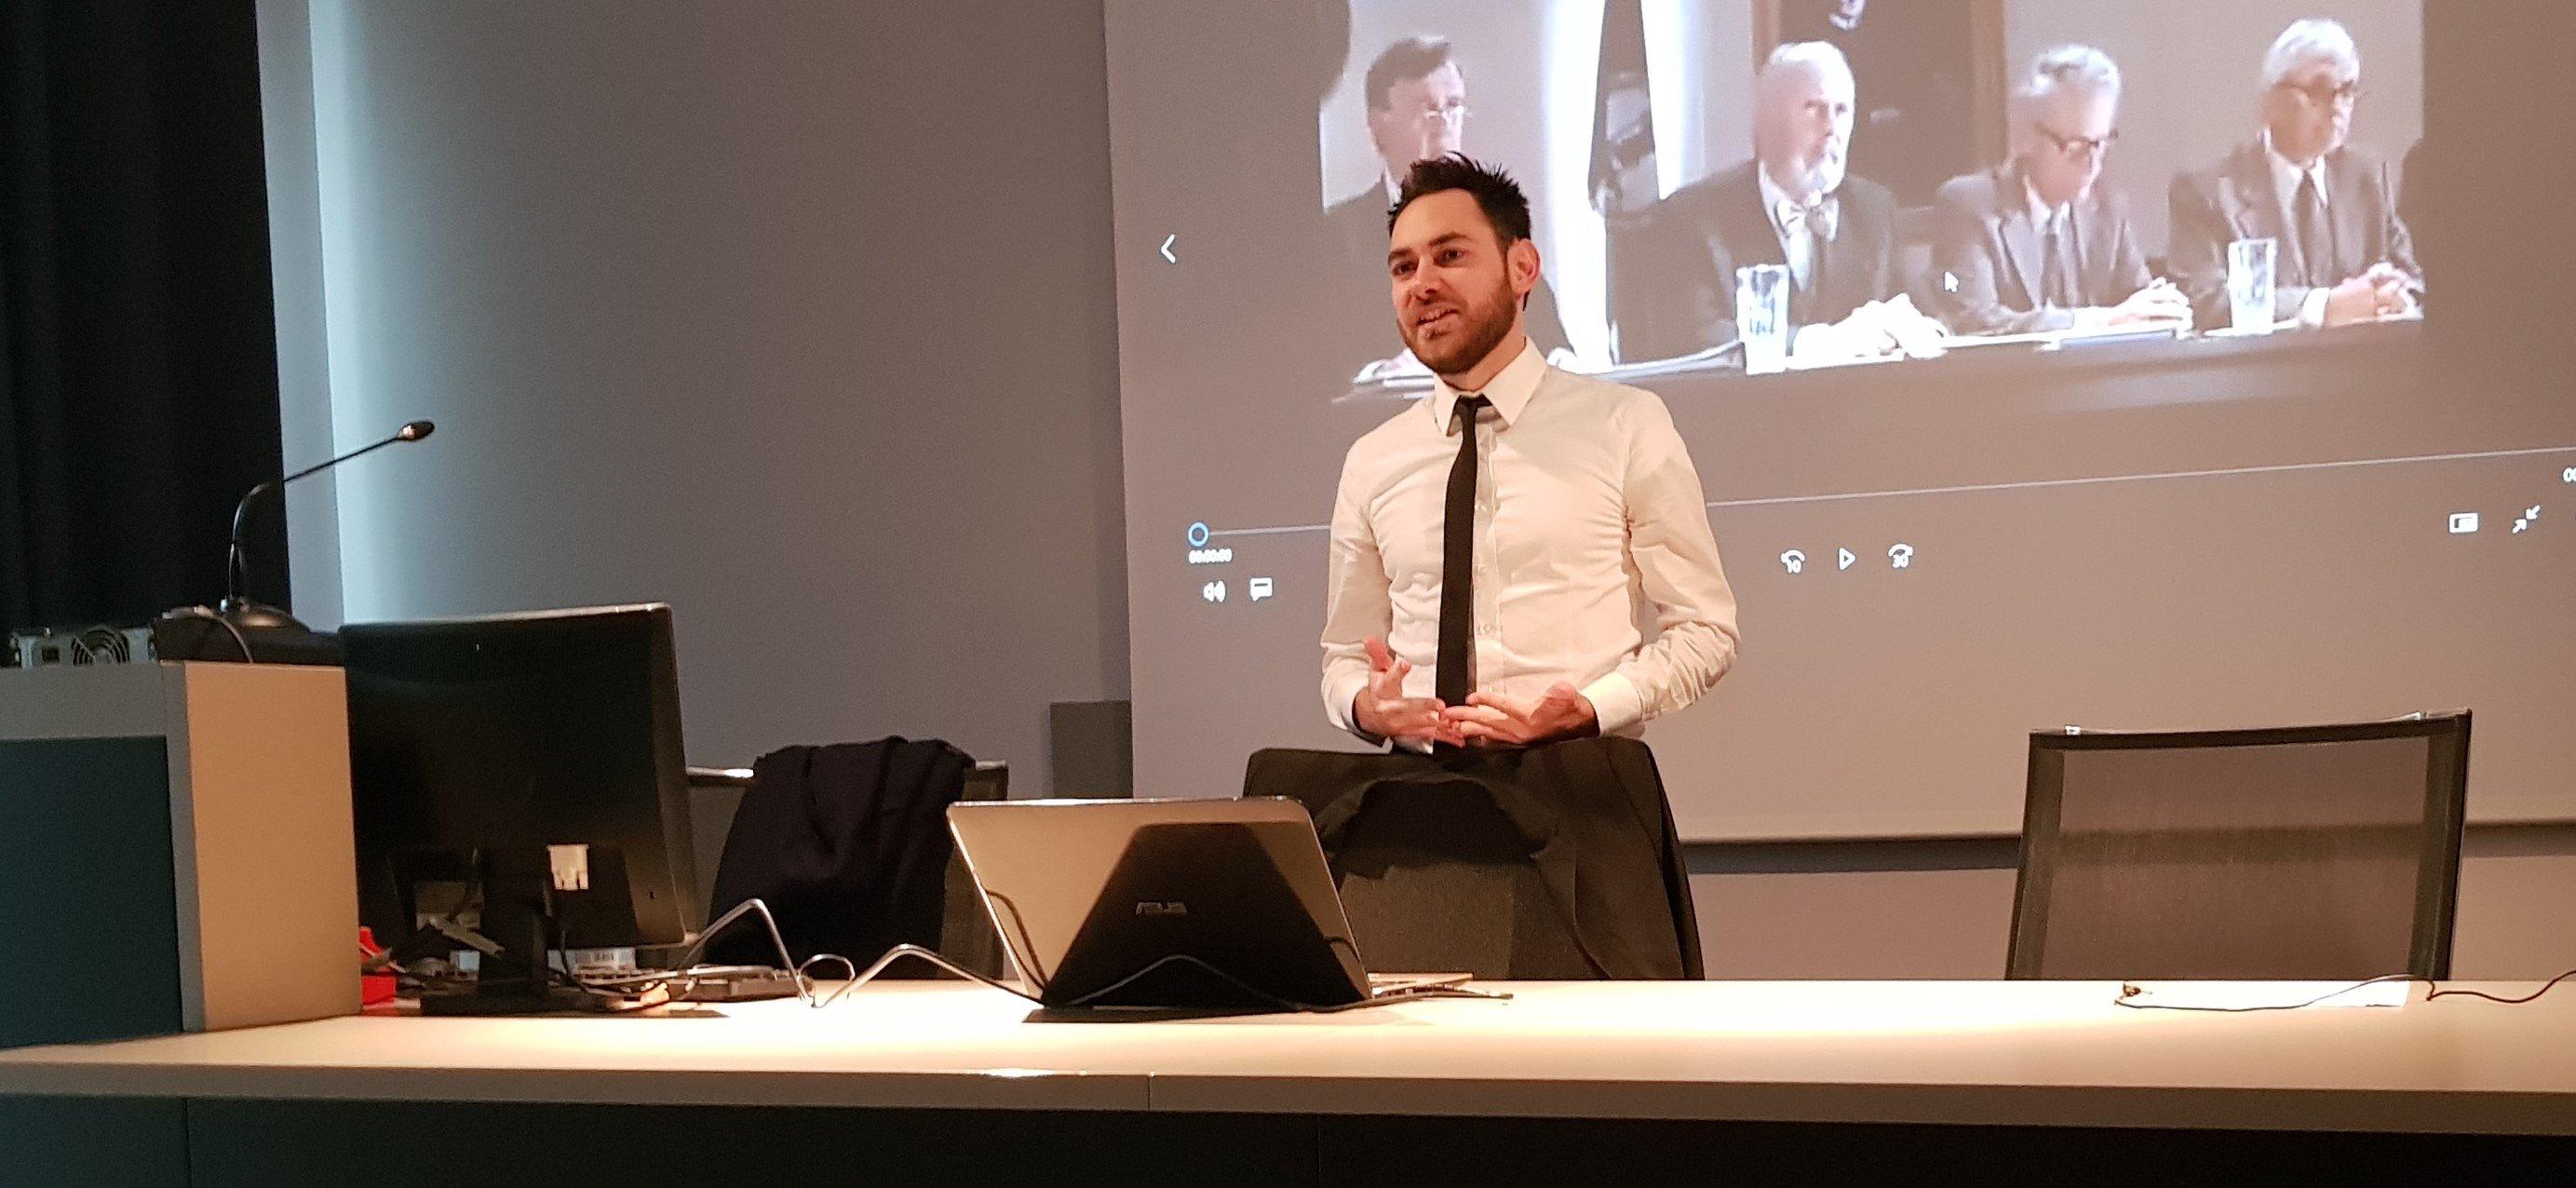 Vi racconto il mio Corso di formazione ECM a Torino… con Gallery